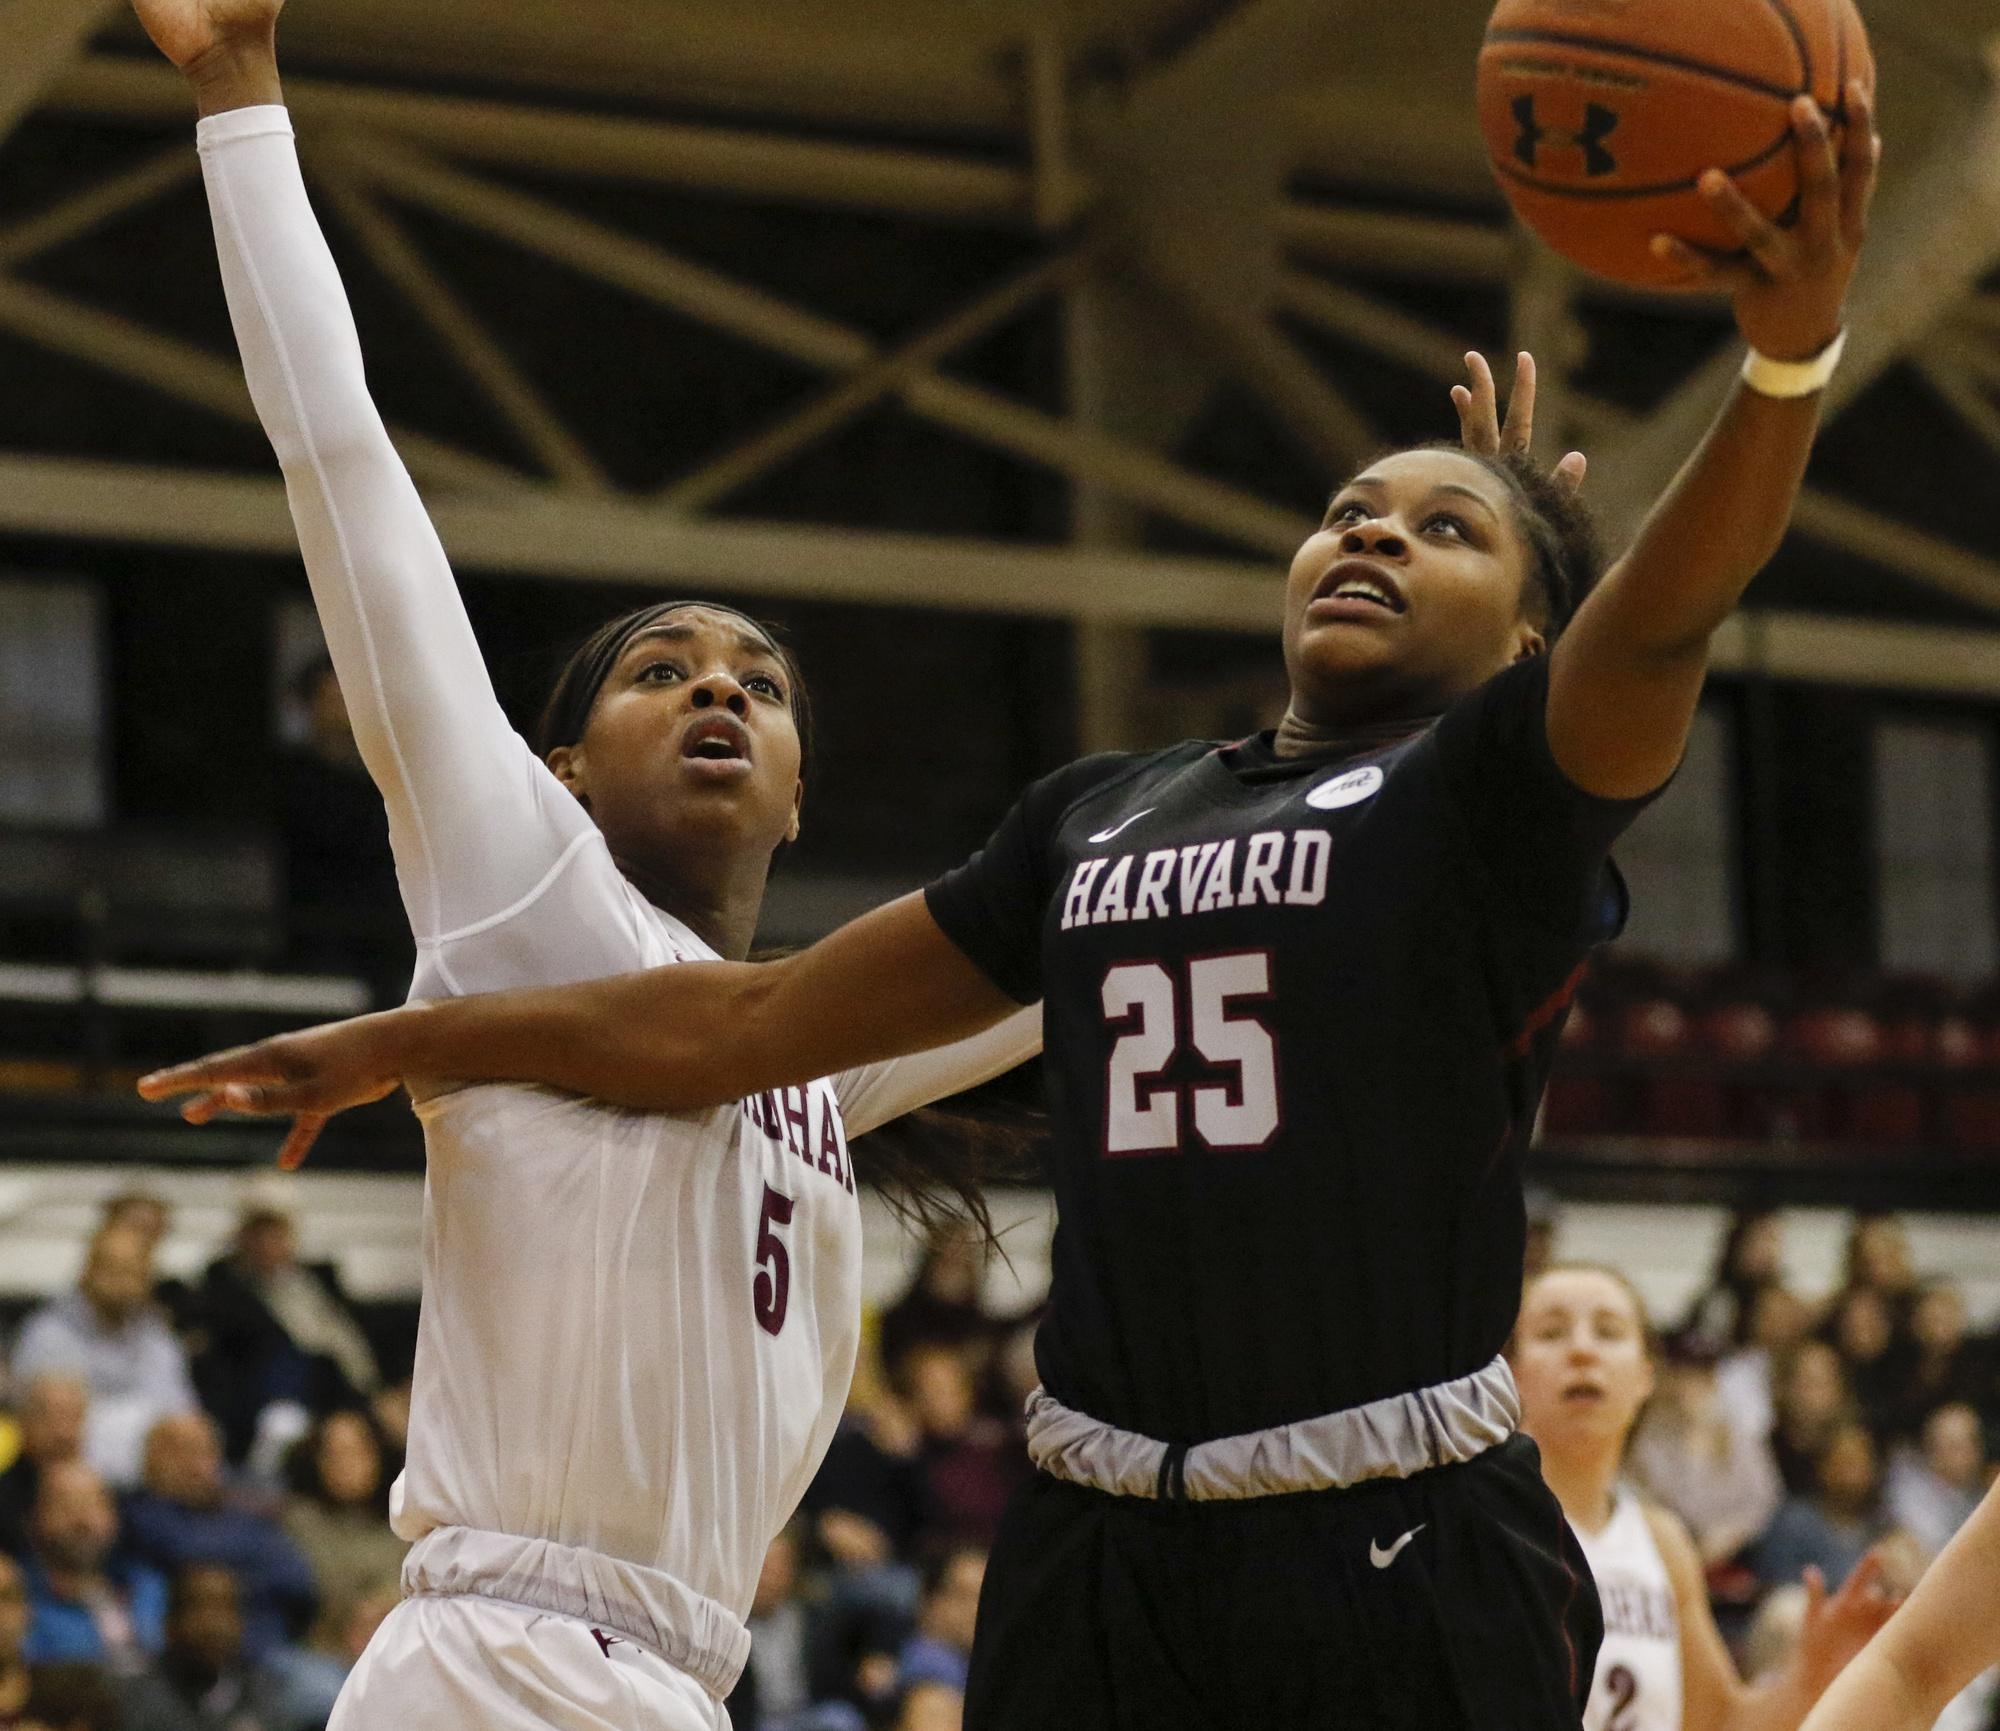 Senior guard Sydney Skinner averaged 9.0 PPG for Harvard last season